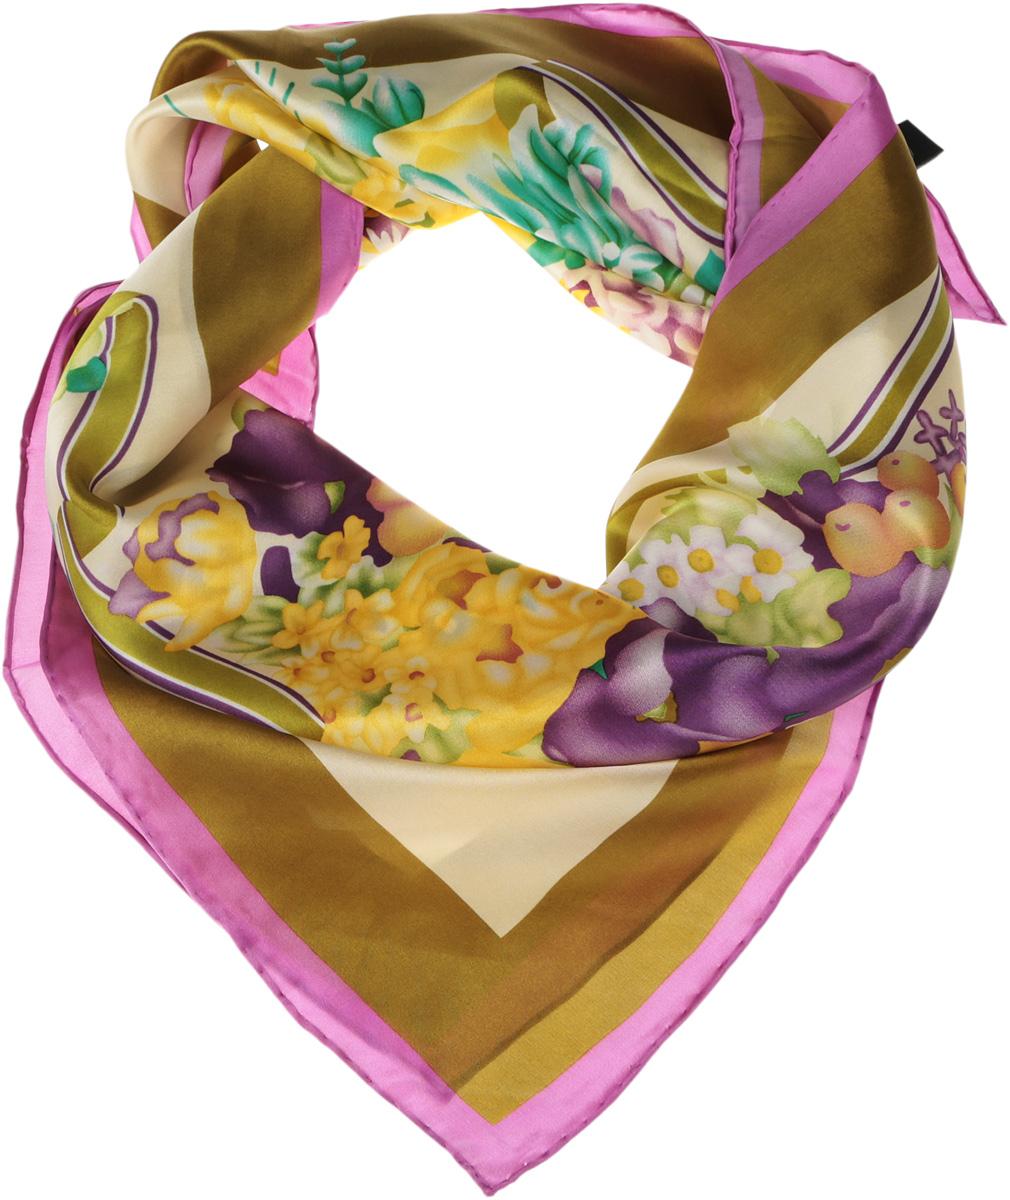 Платок женский Venera, цвет: оливковый, желтый, зеленый, фиолетовый. 1801129-02. Размер 90 см х 90 см1801129-02Нежный шелковый платок Venera станет нарядным аксессуаром, который призван подчеркнуть индивидуальность и очарование женщины. Оригинальный красочный дизайн полотна добавит изысканности и привлечёт всеобщее внимание. Края платка качественно обработаны вручную.Этот модный аксессуар женского гардероба гармонично дополнит образ современной женщины, следящей за своим имиджем и стремящейся всегда оставаться стильной и элегантной.